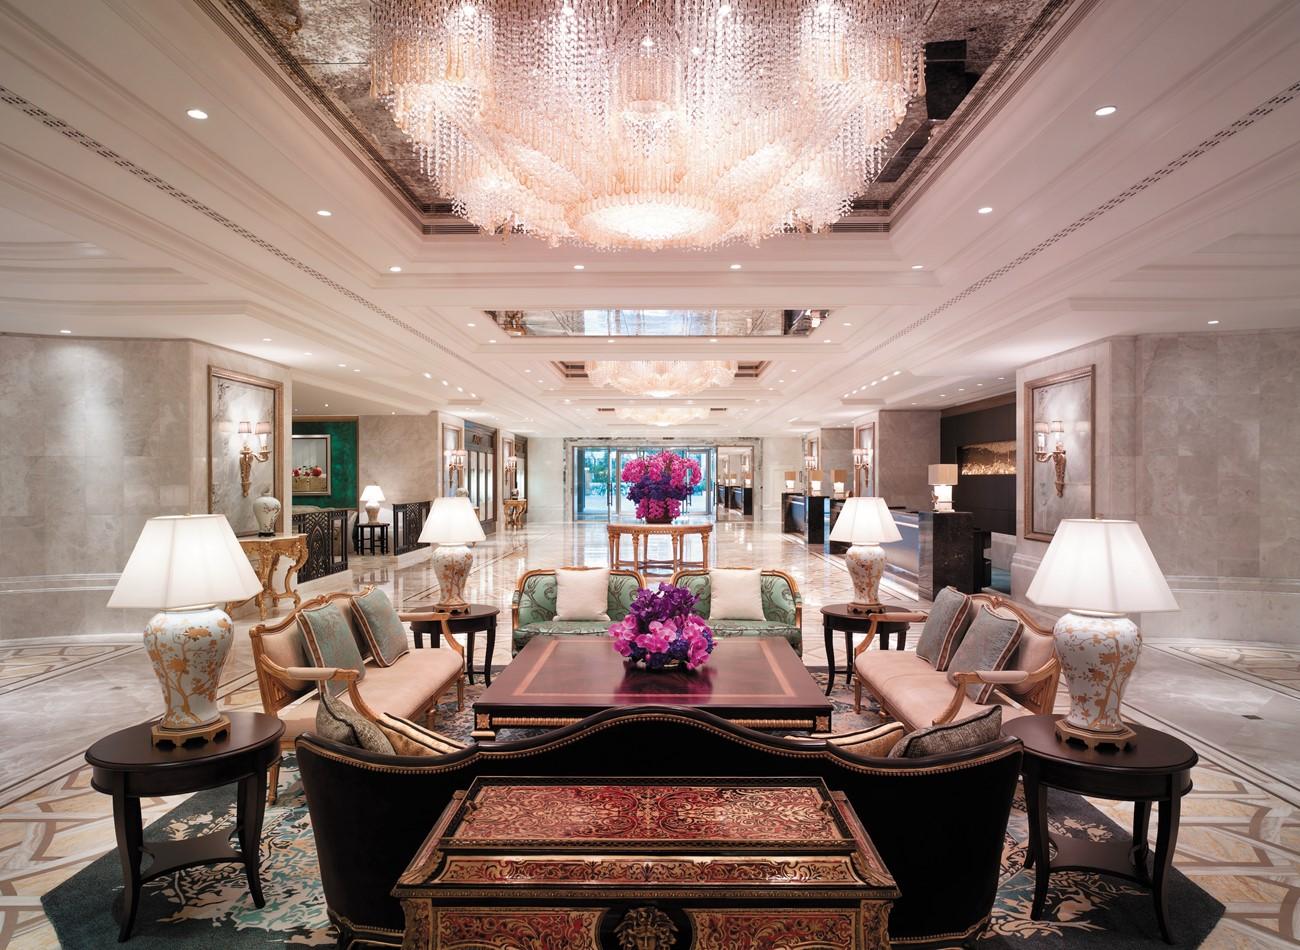 Kostenfreie-dritte-Nacht-Vorteile-im-Shangri-La-Istanbul